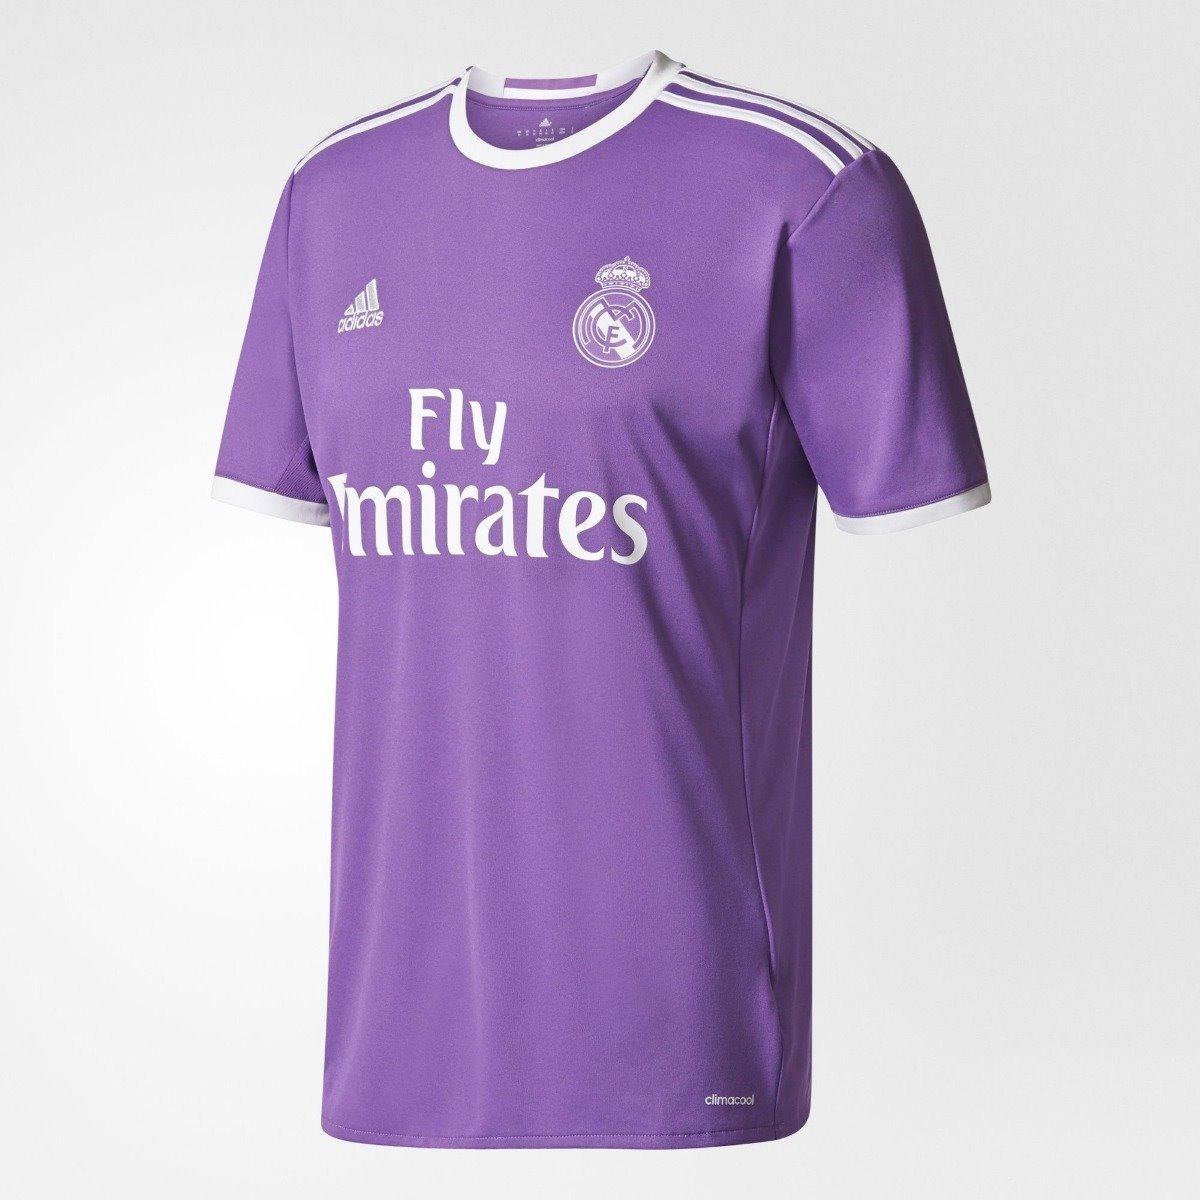 camisa real madrid adidas original promoção queima de estoqu. Carregando  zoom. 46b6566577fd4